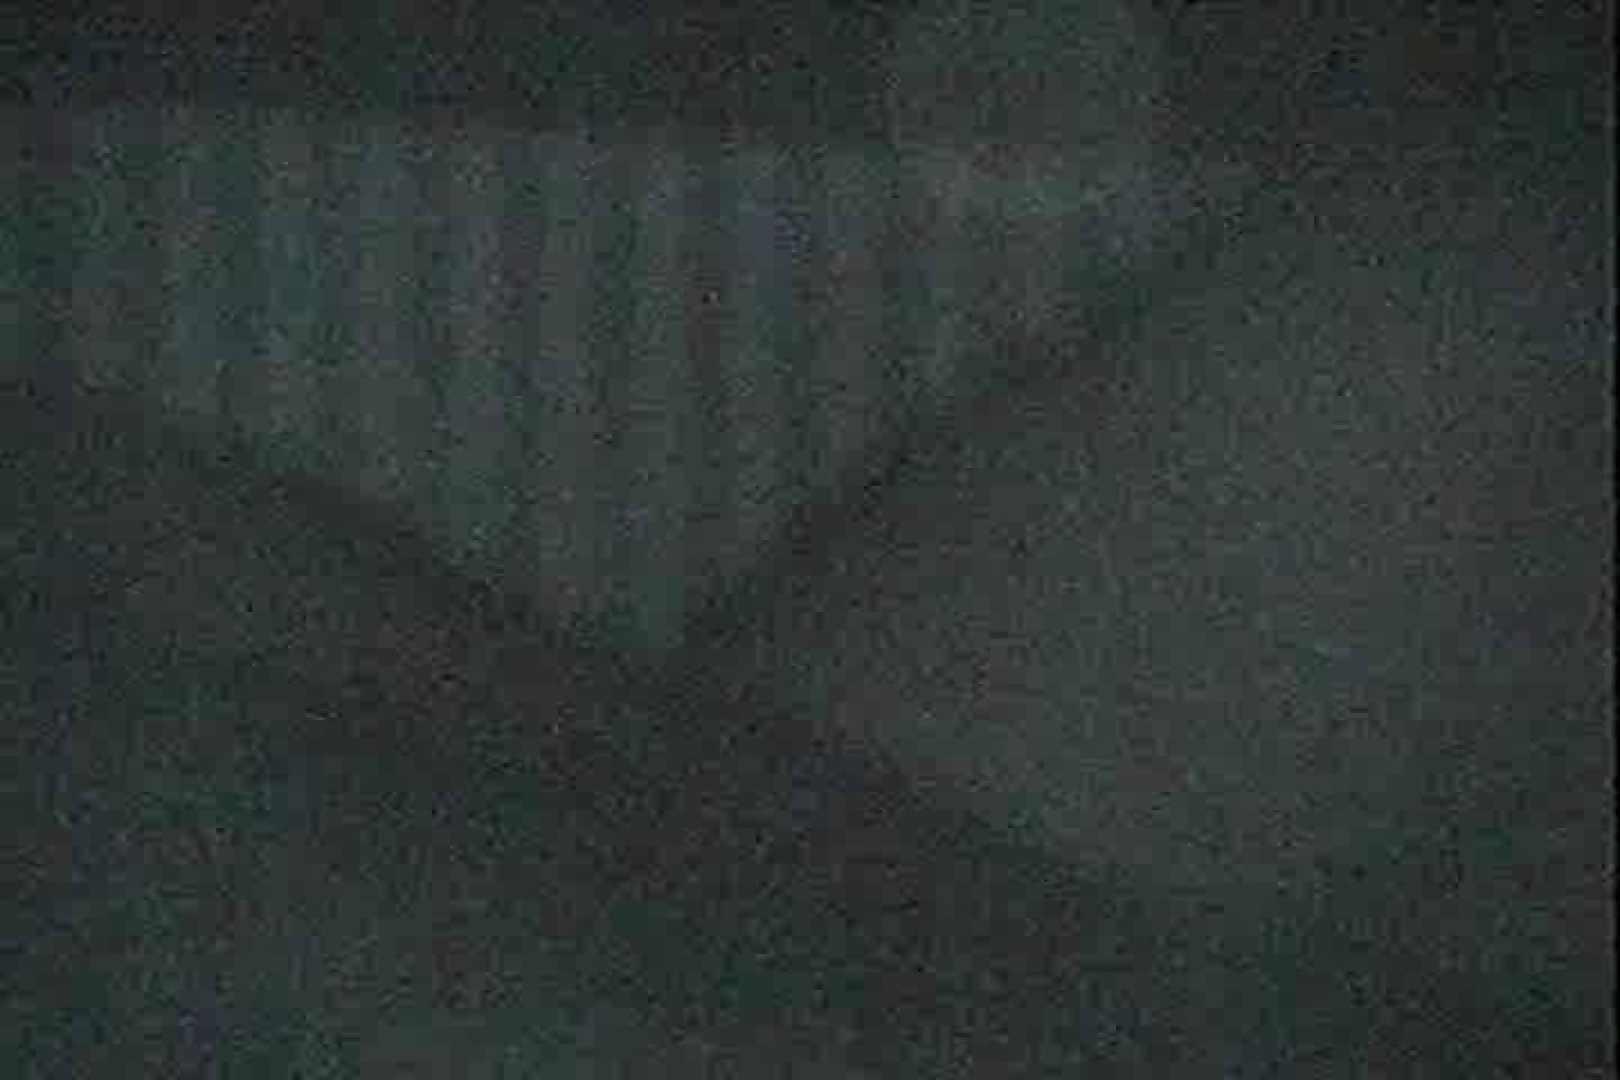 充血監督の深夜の運動会Vol.39 OLセックス  80画像 34